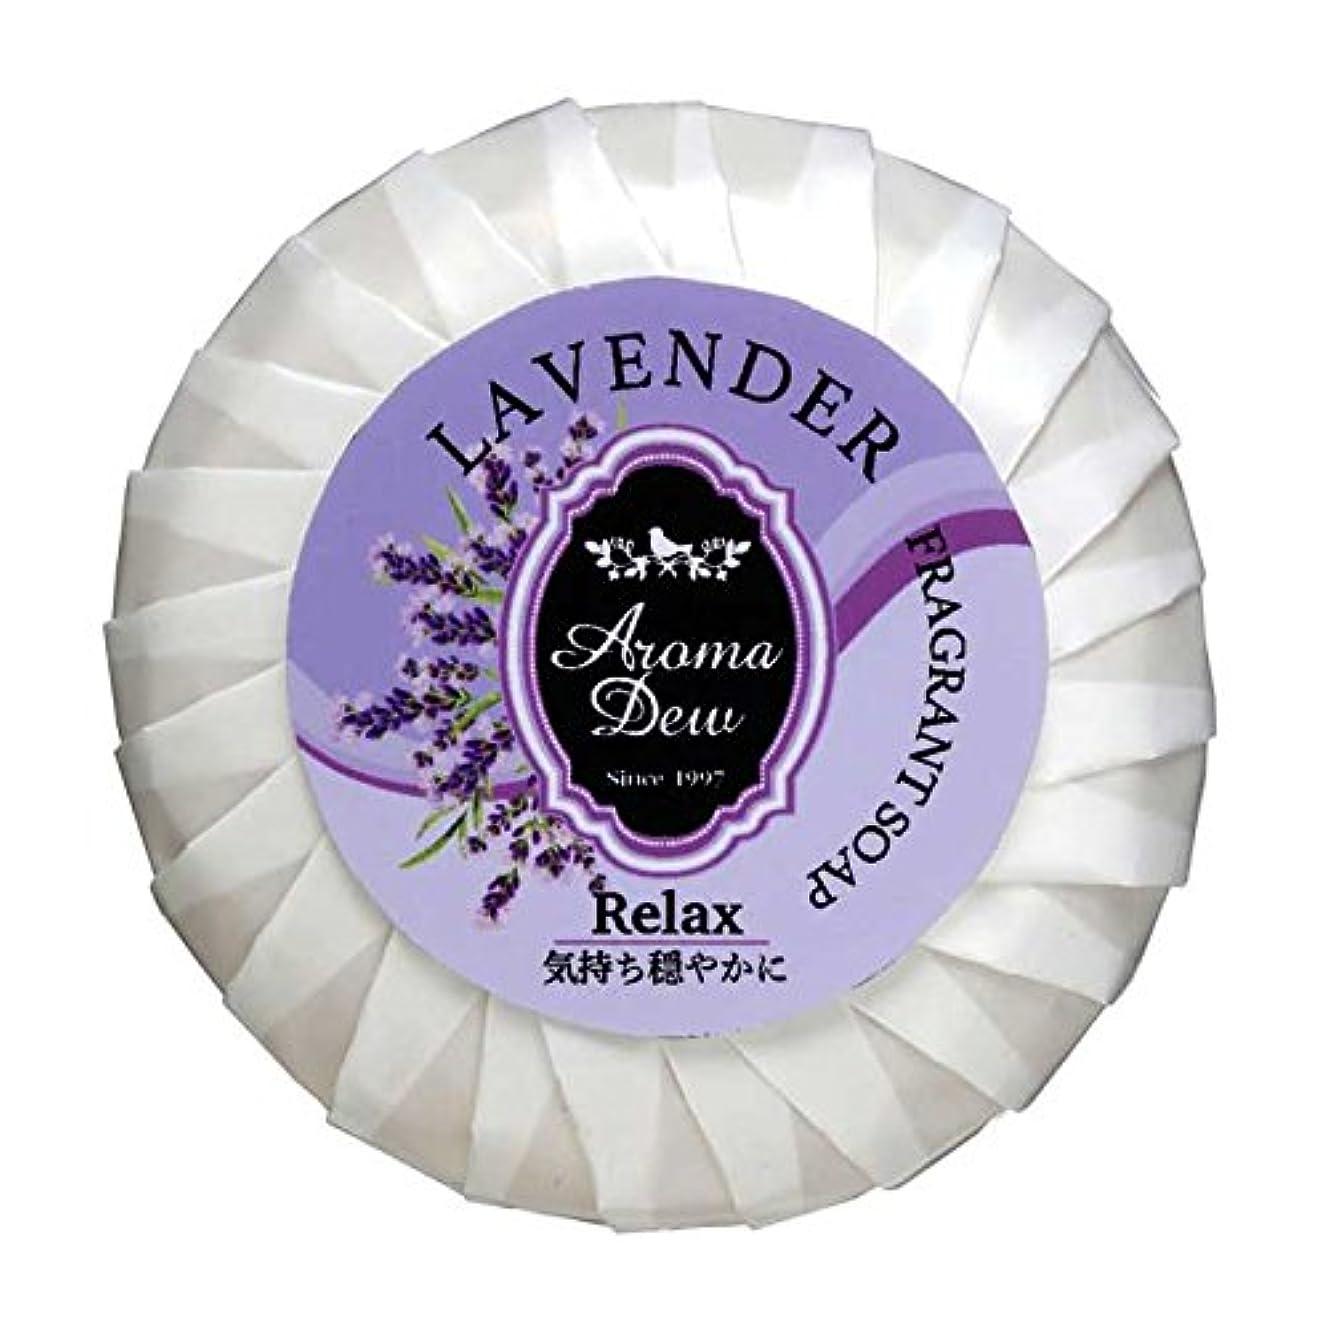 唯一カブオーブンアロマデュウ フレグラントソープ ラベンダーの香り 100g